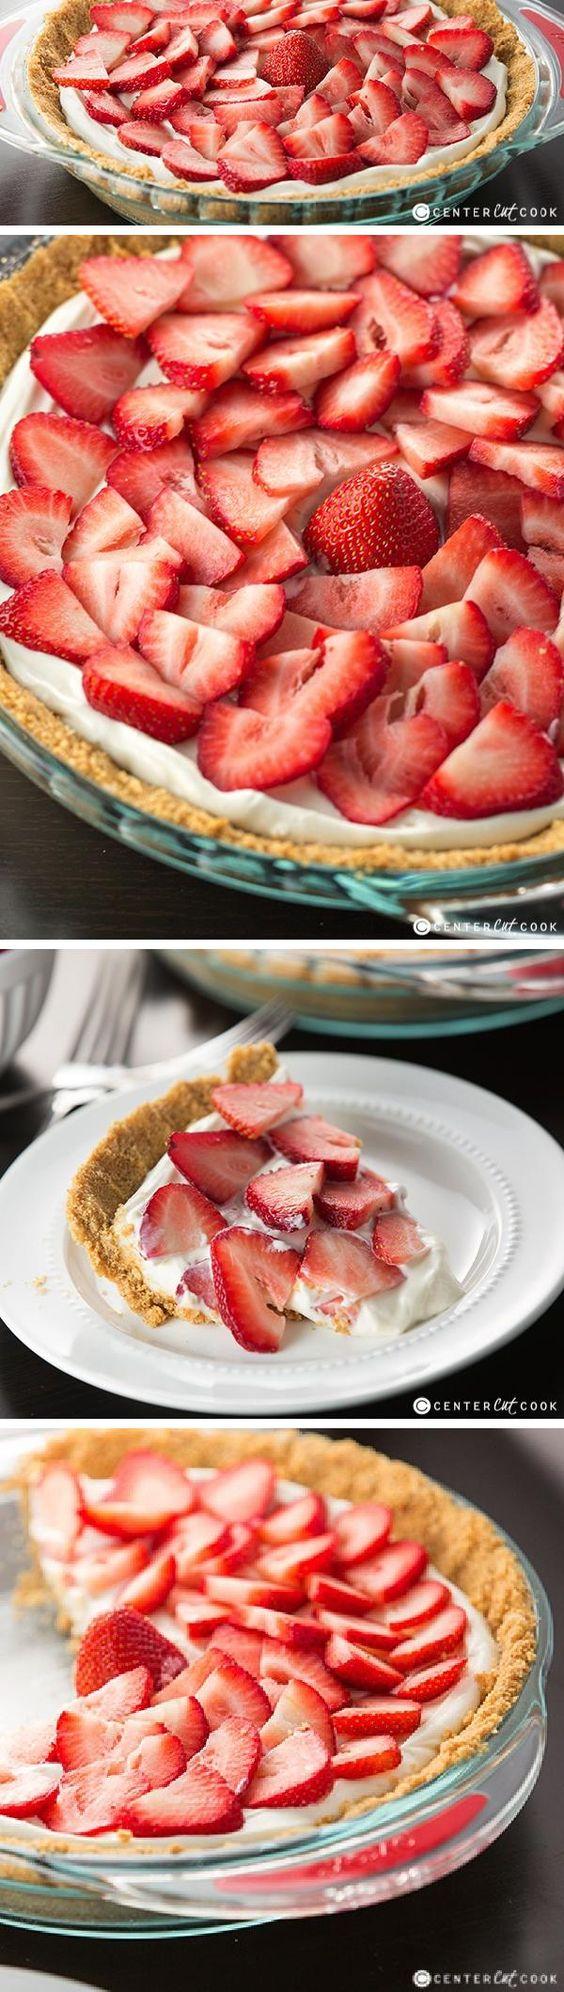 strawberries and cream cream pies strawberries pies cream strawberry ...